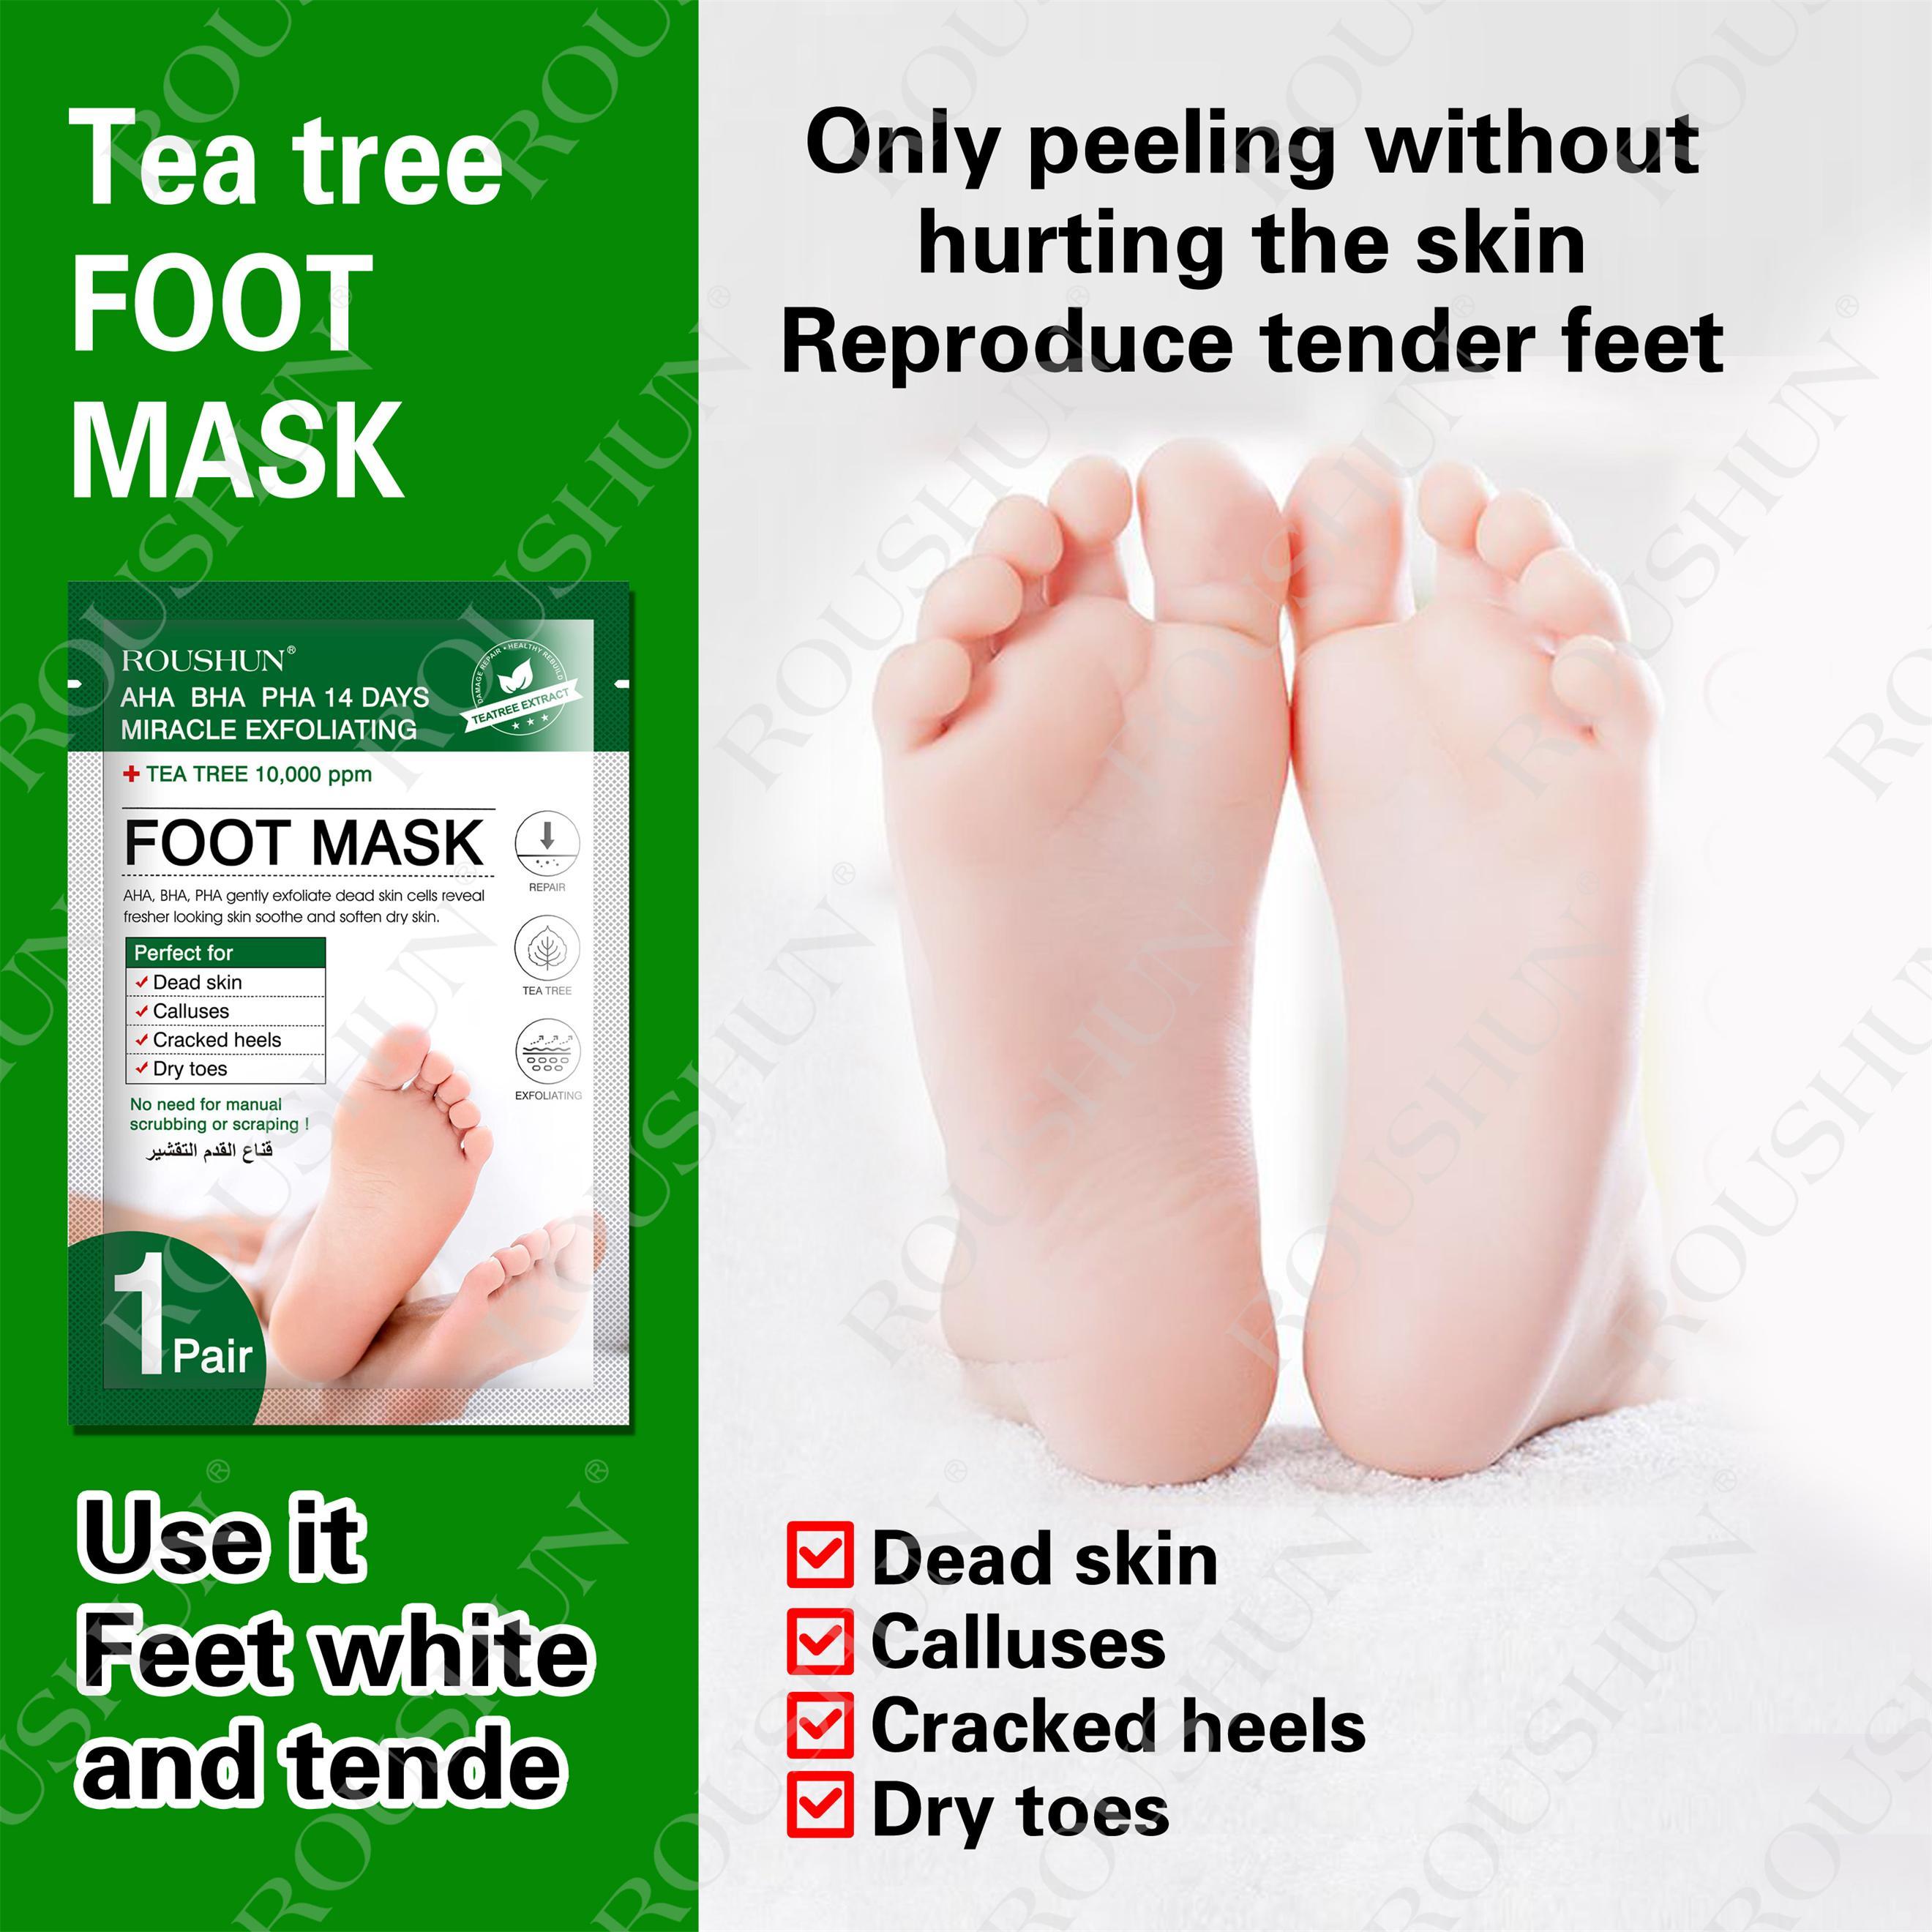 TEA TREE FOOT MASK